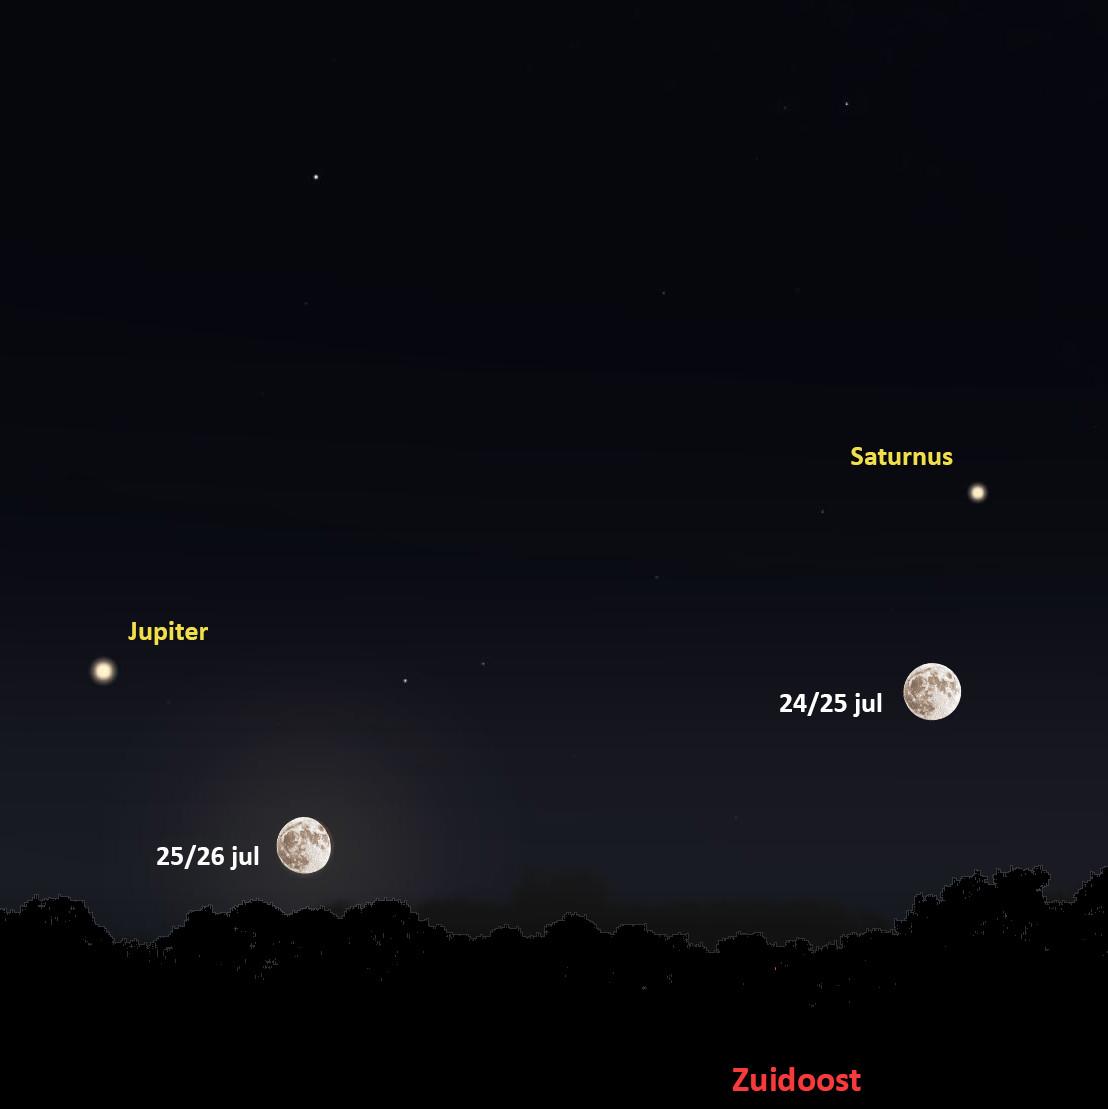 De volle maan, Jupiter en Saturnus